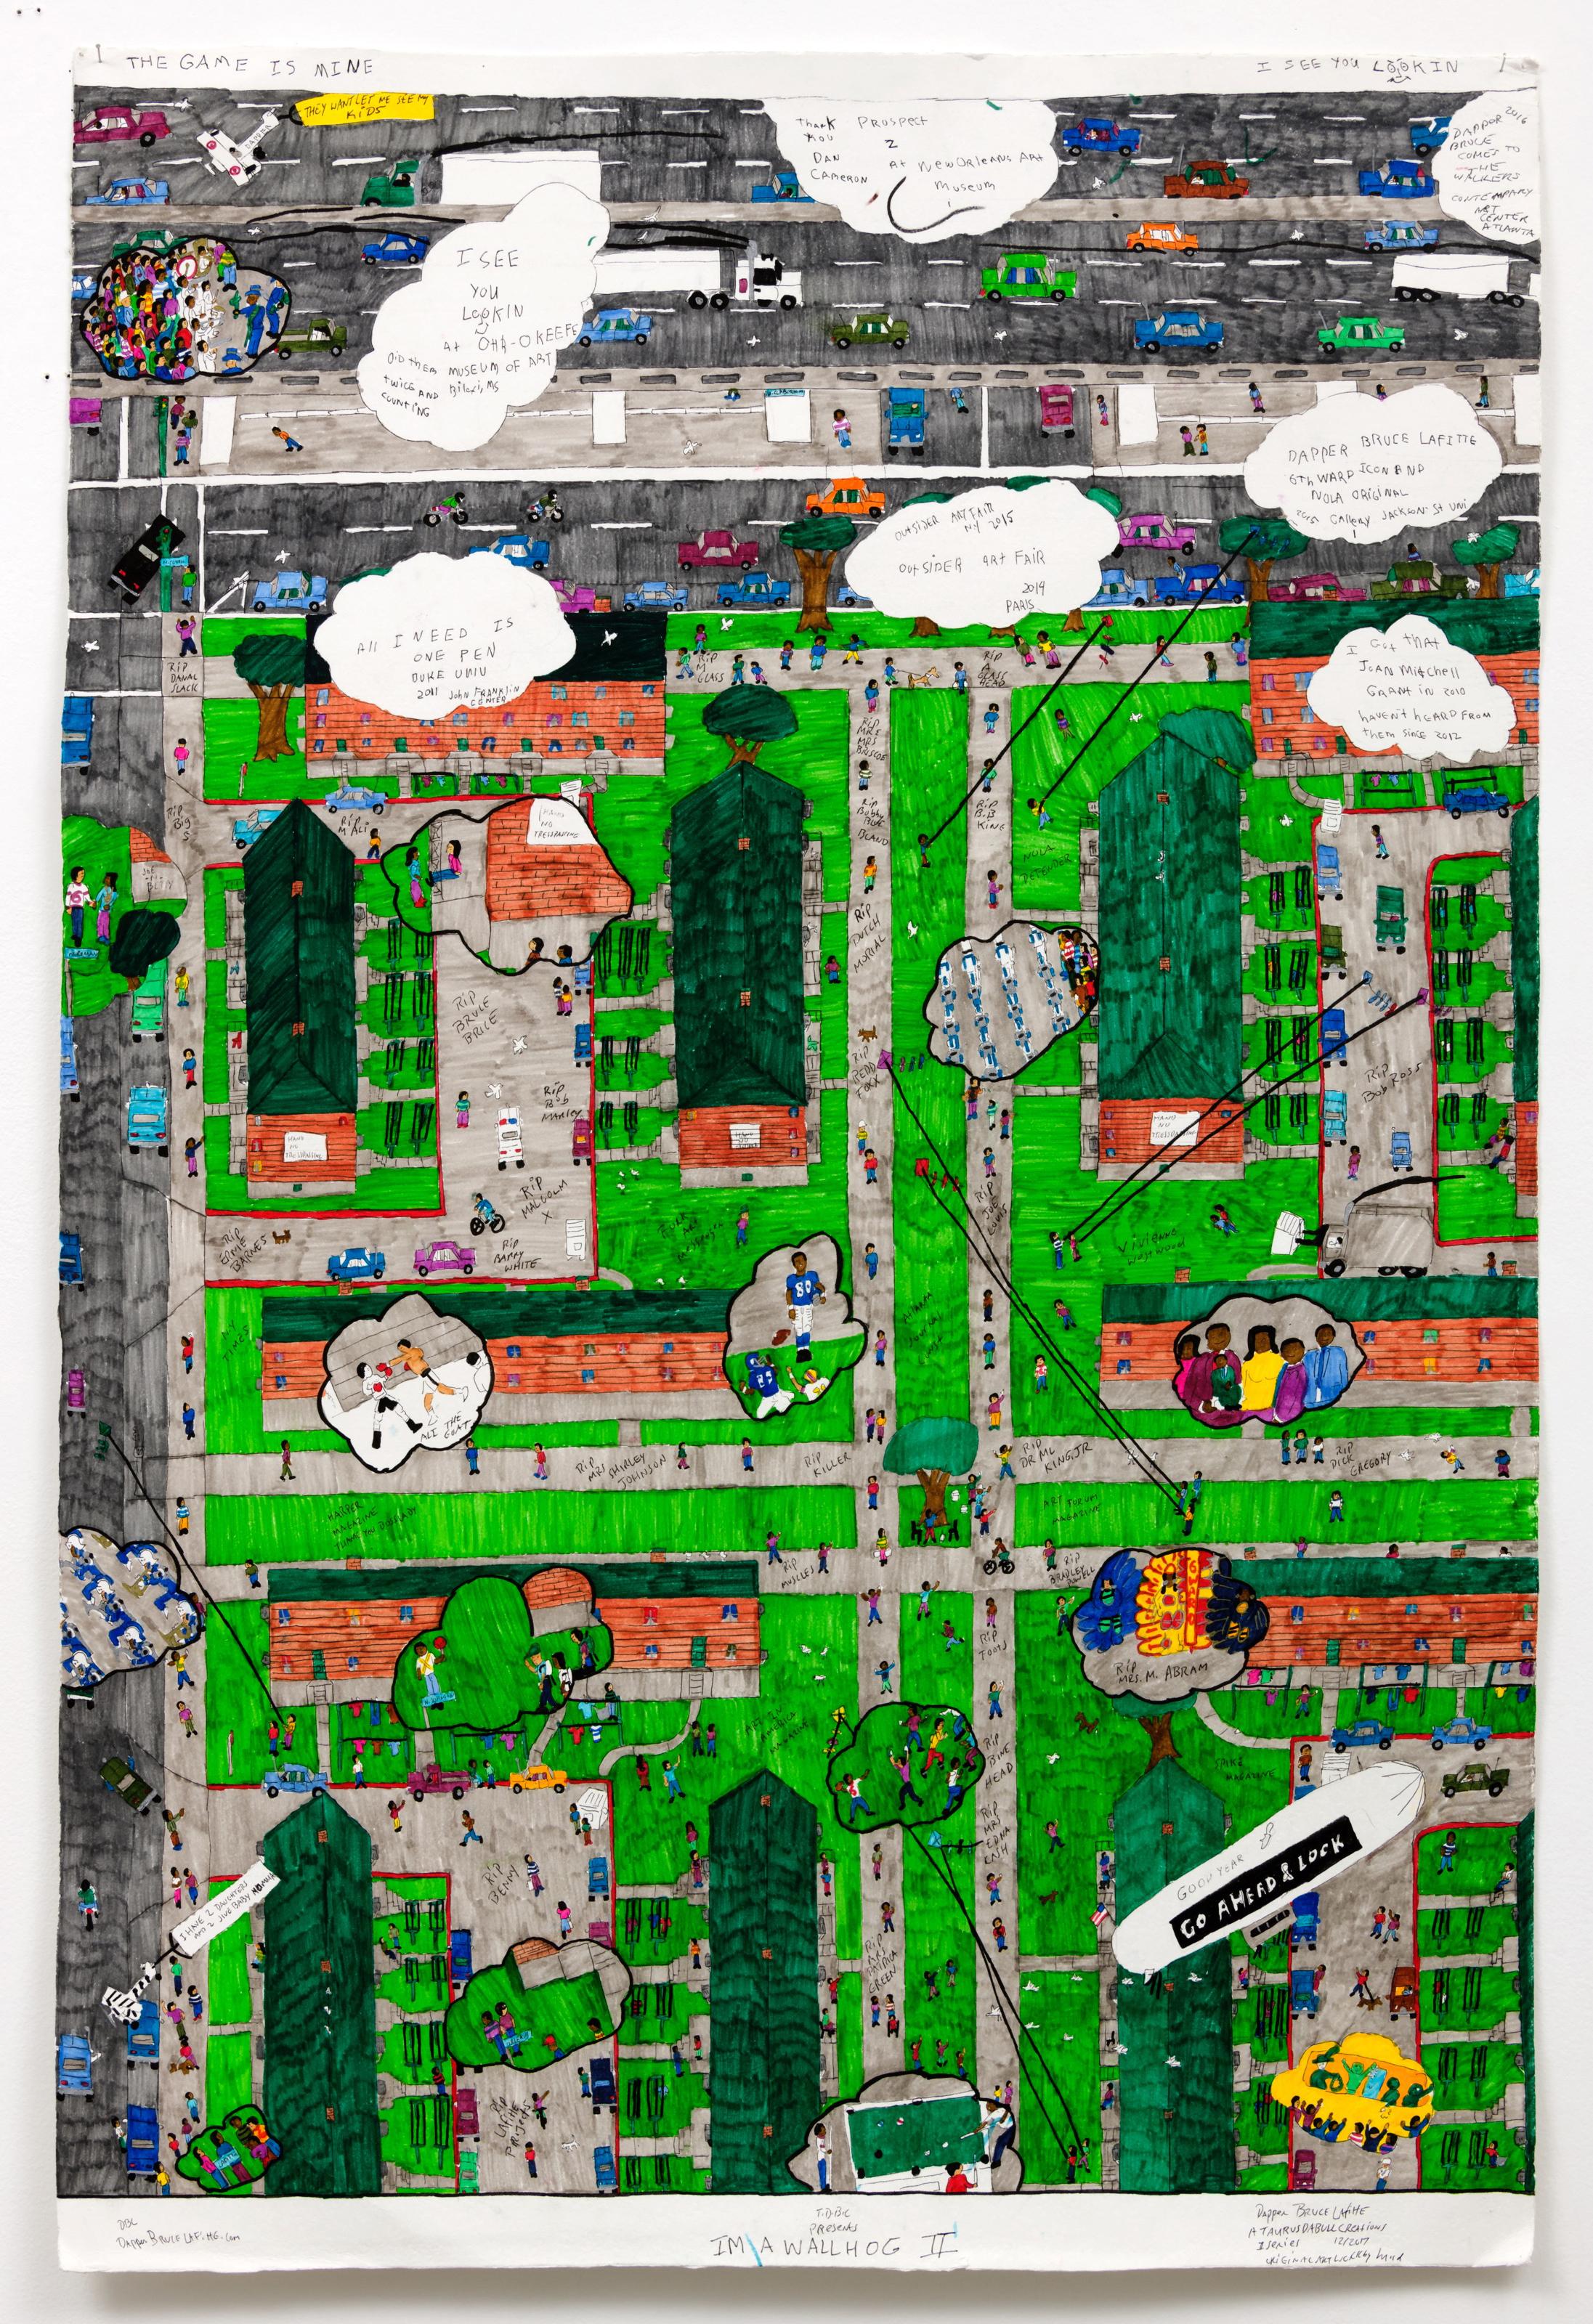 """Dapper Bruce Lafitte  I'm a Wallhog II, 2017  archival ink on acid free paper  60 x 40"""""""